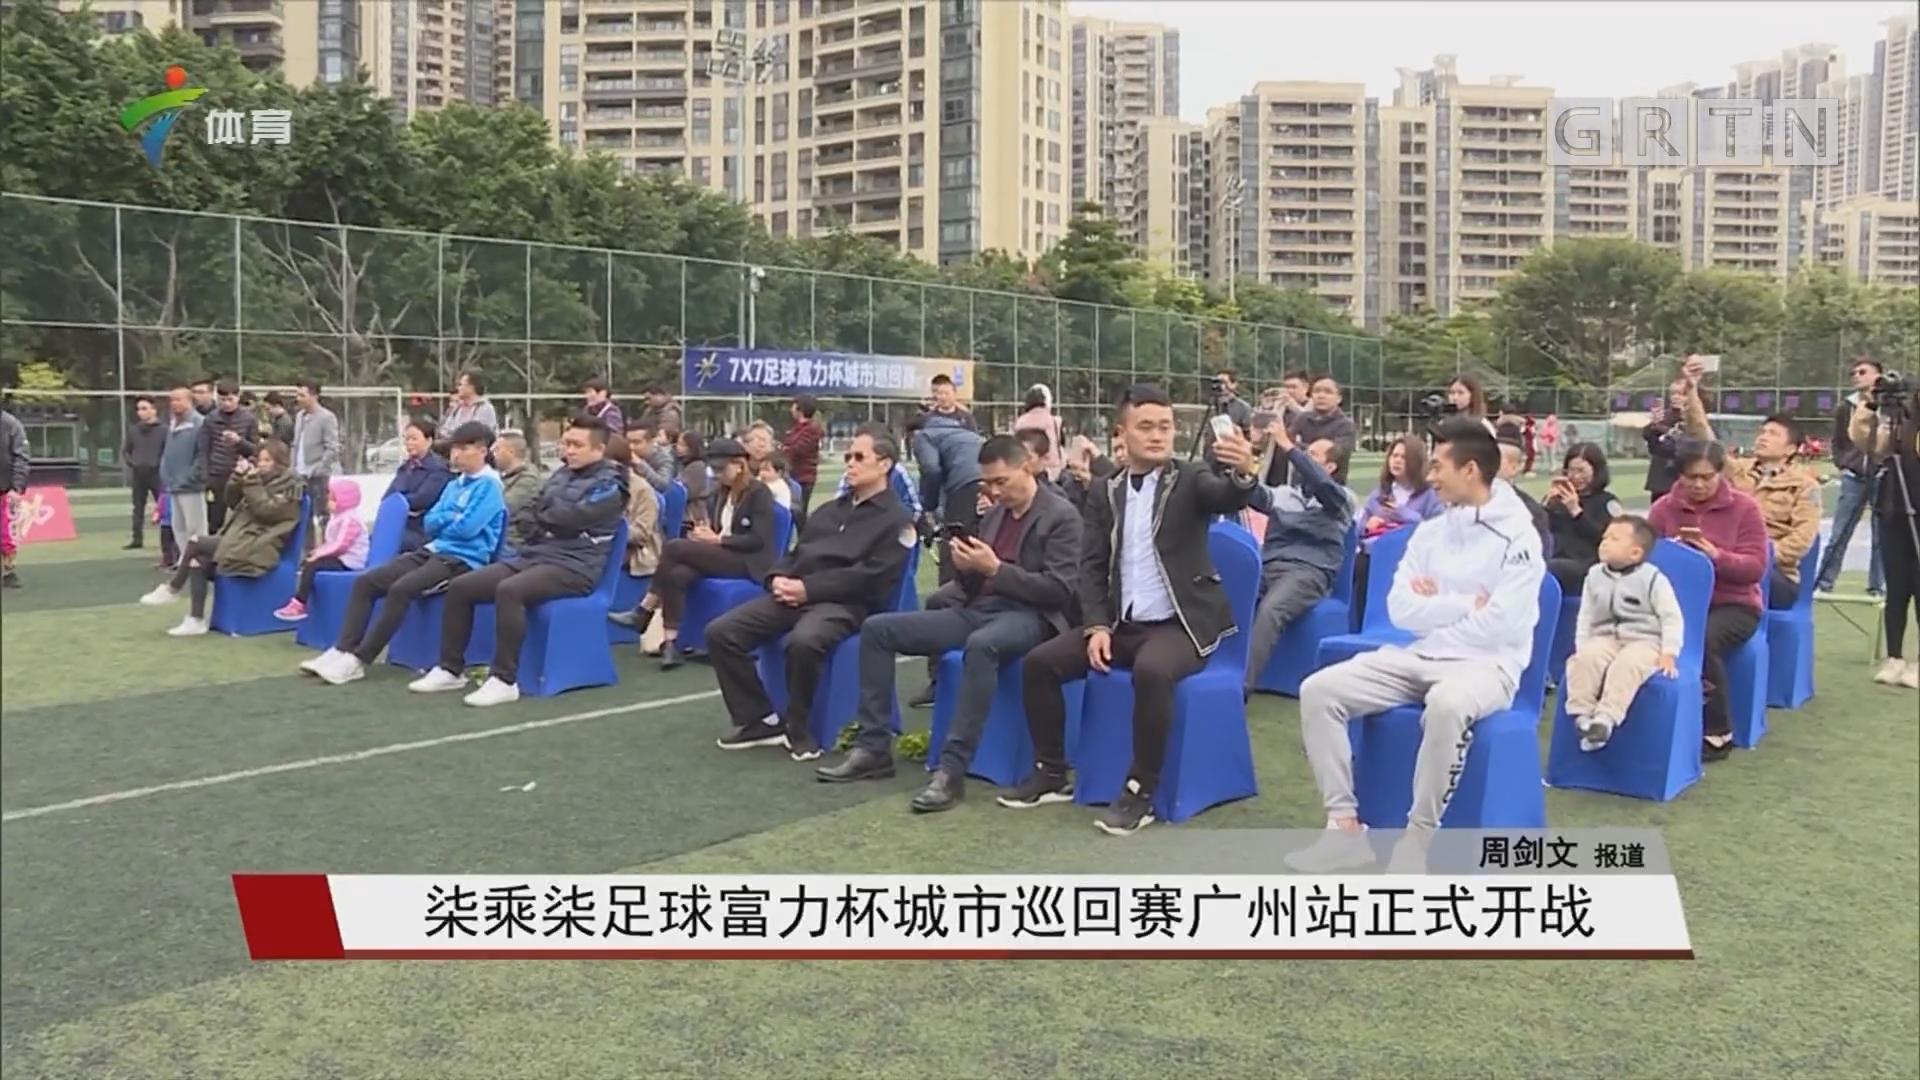 柒乘柒足球富力杯城市巡回赛广州站正式开战